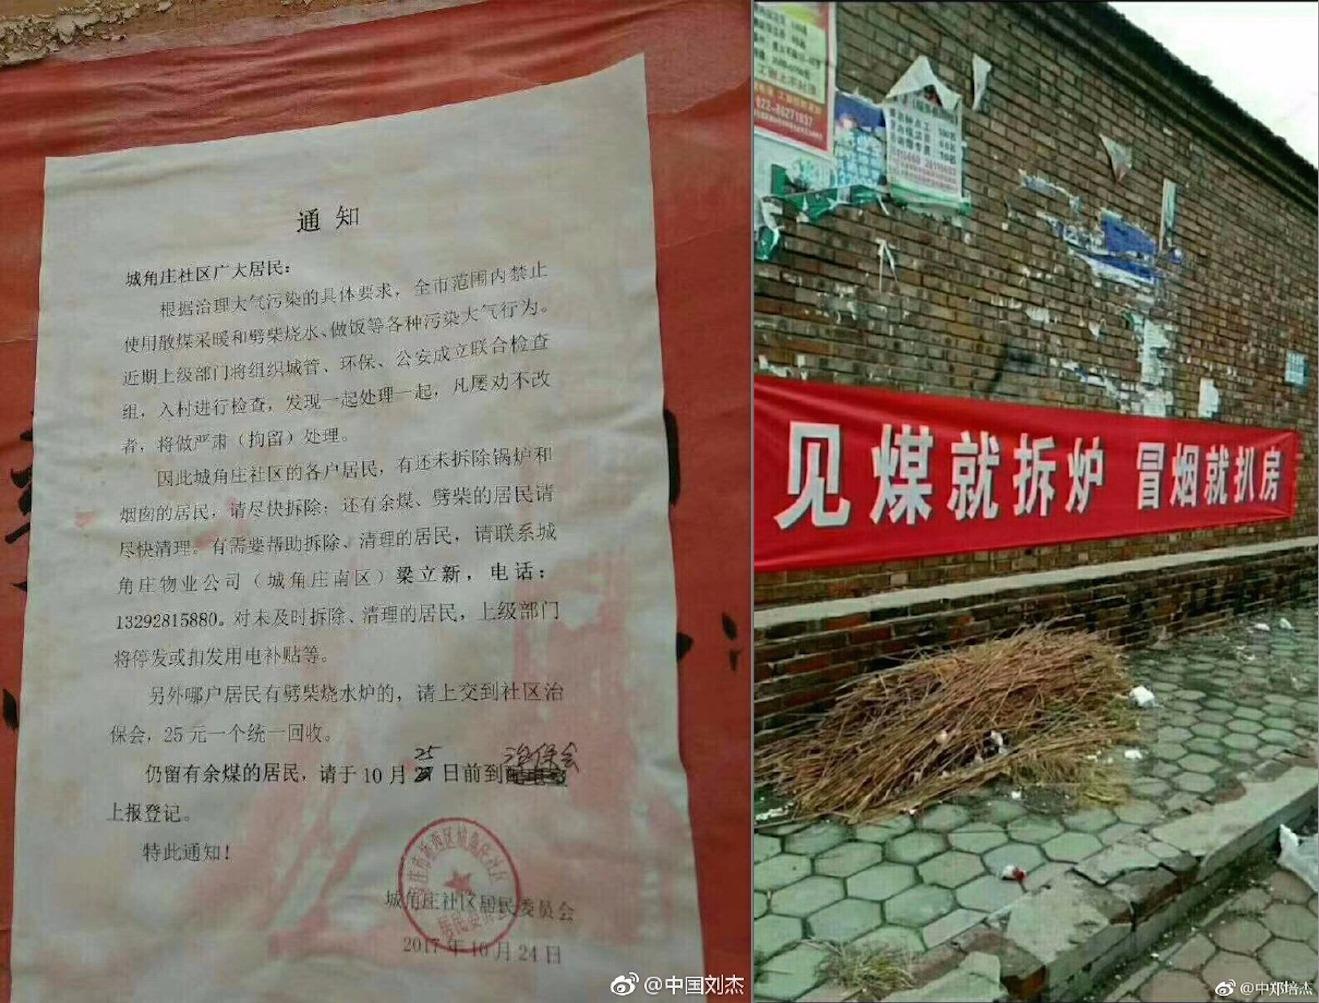 中共治理環保「一刀切」給民眾帶來多少苦難